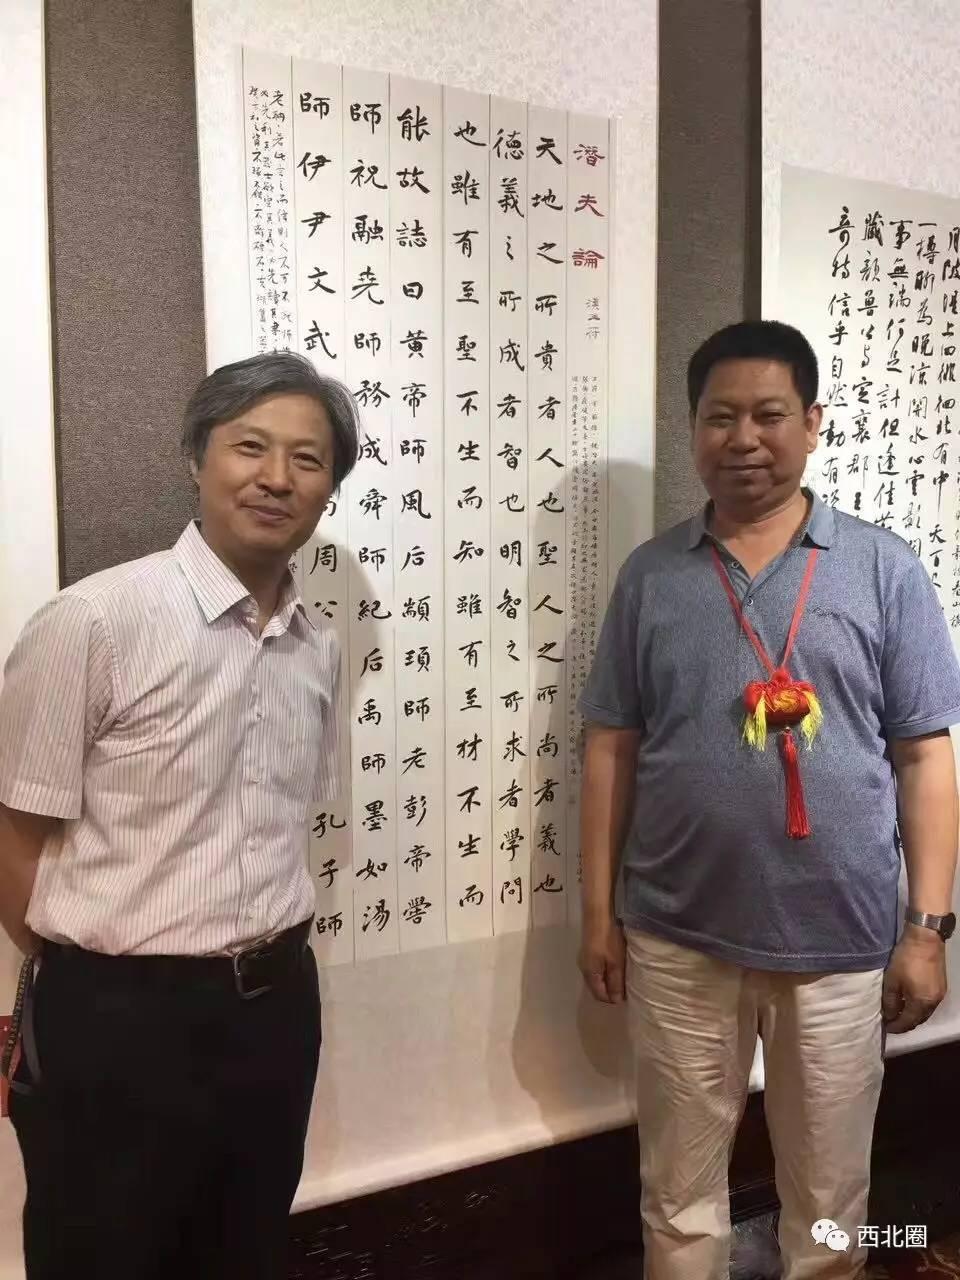 中国书法之乡甘肃镇原书画作品晋京展在民族文化宫隆重开幕图片